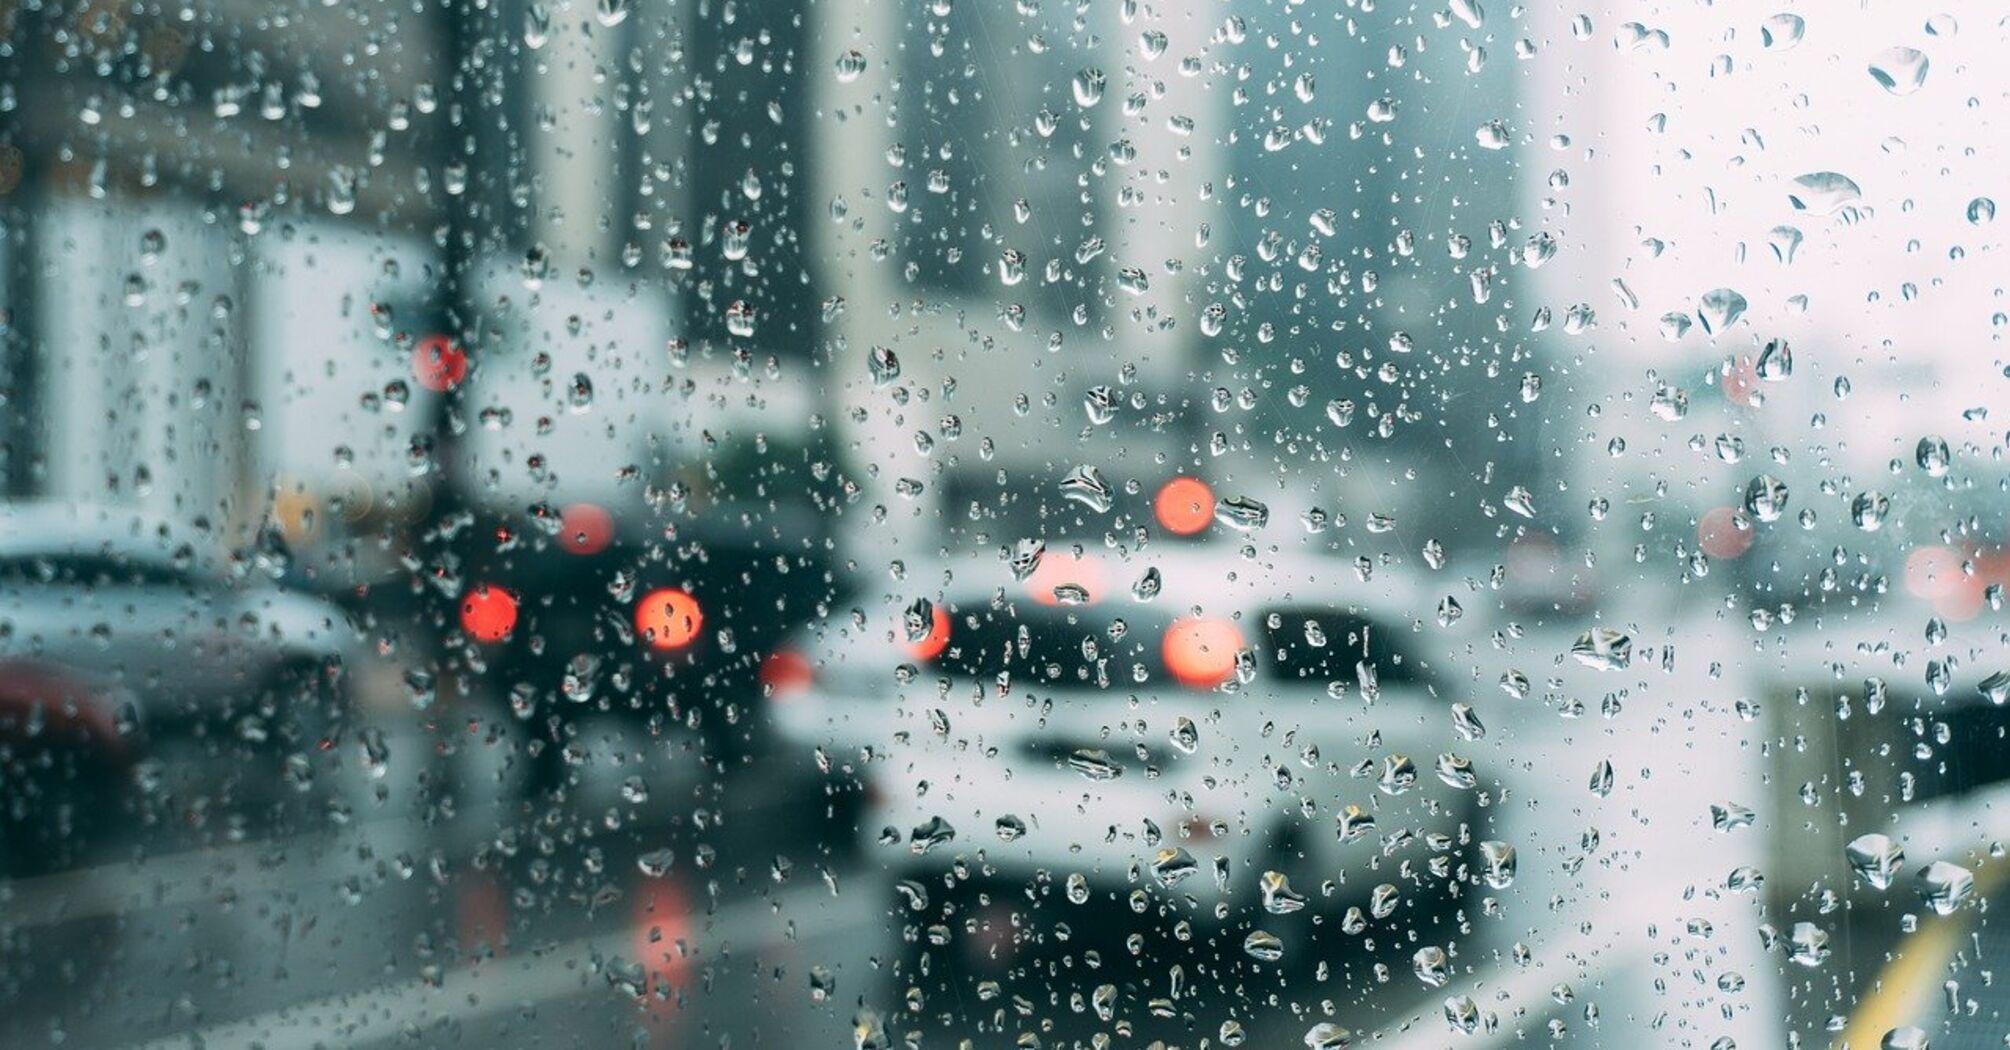 В Україні оголосили штормове попередження: сніг, дощі та ожеледь